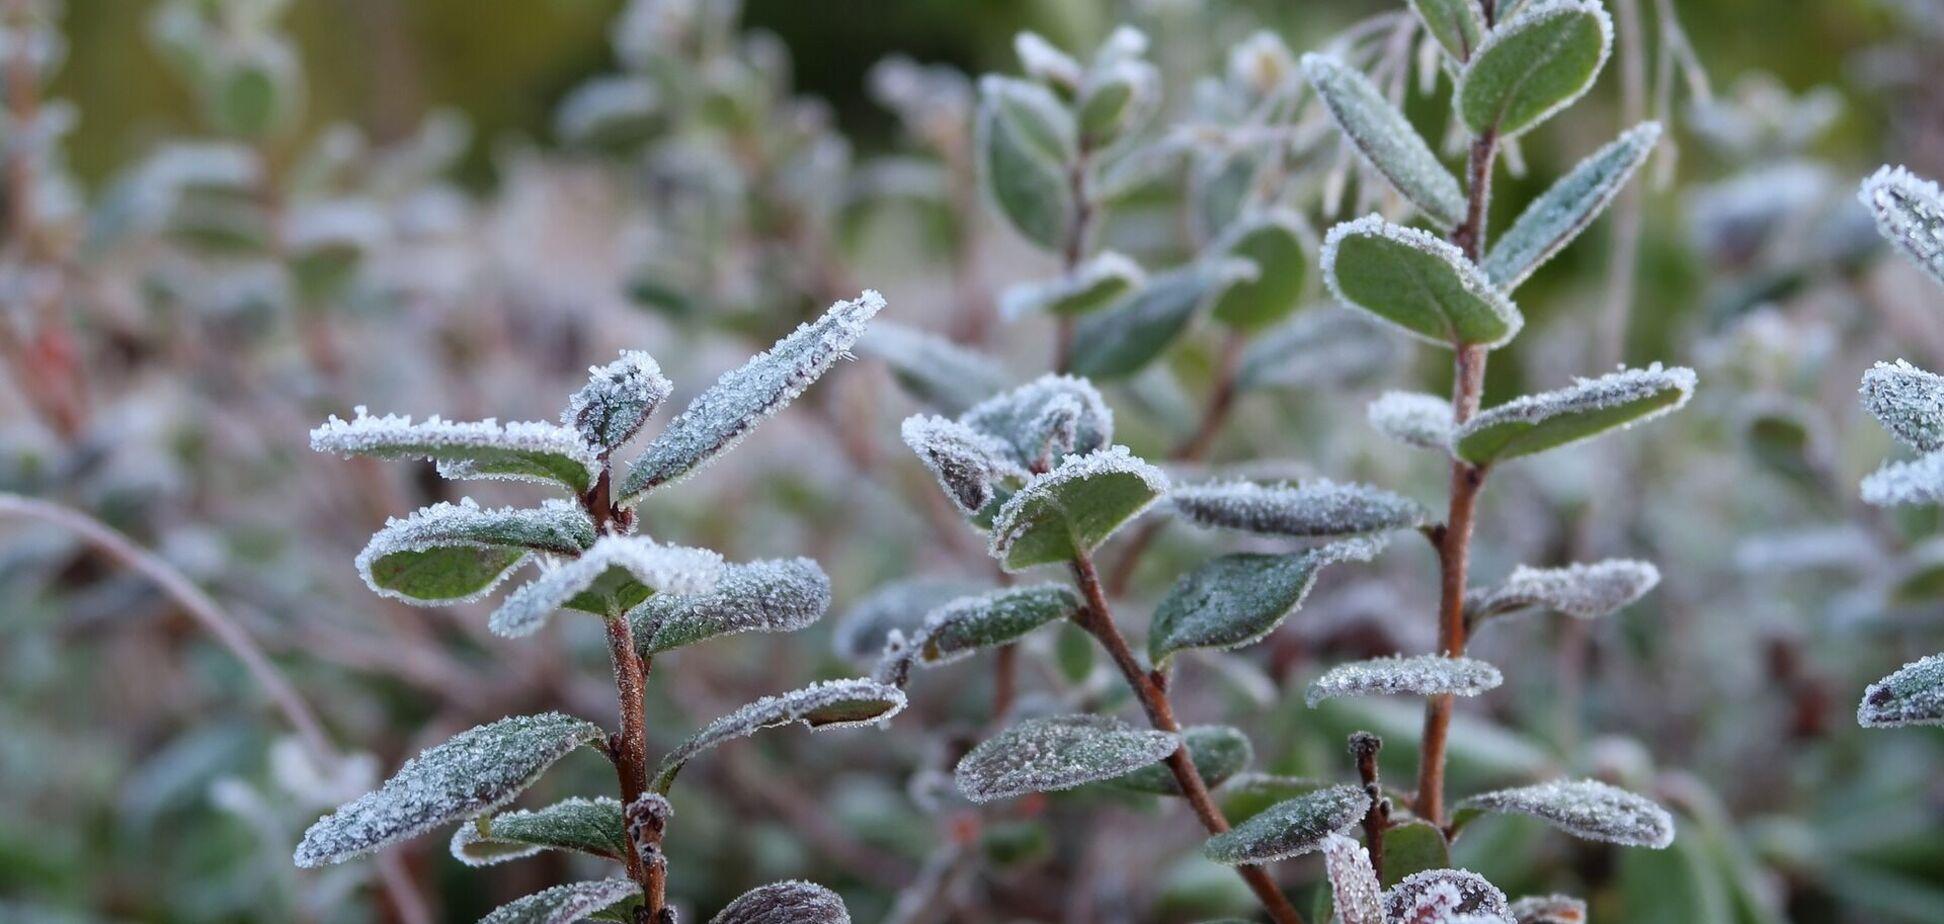 В Украину вернутся заморозки: появился новый прогноз погоды на вторник. Карта